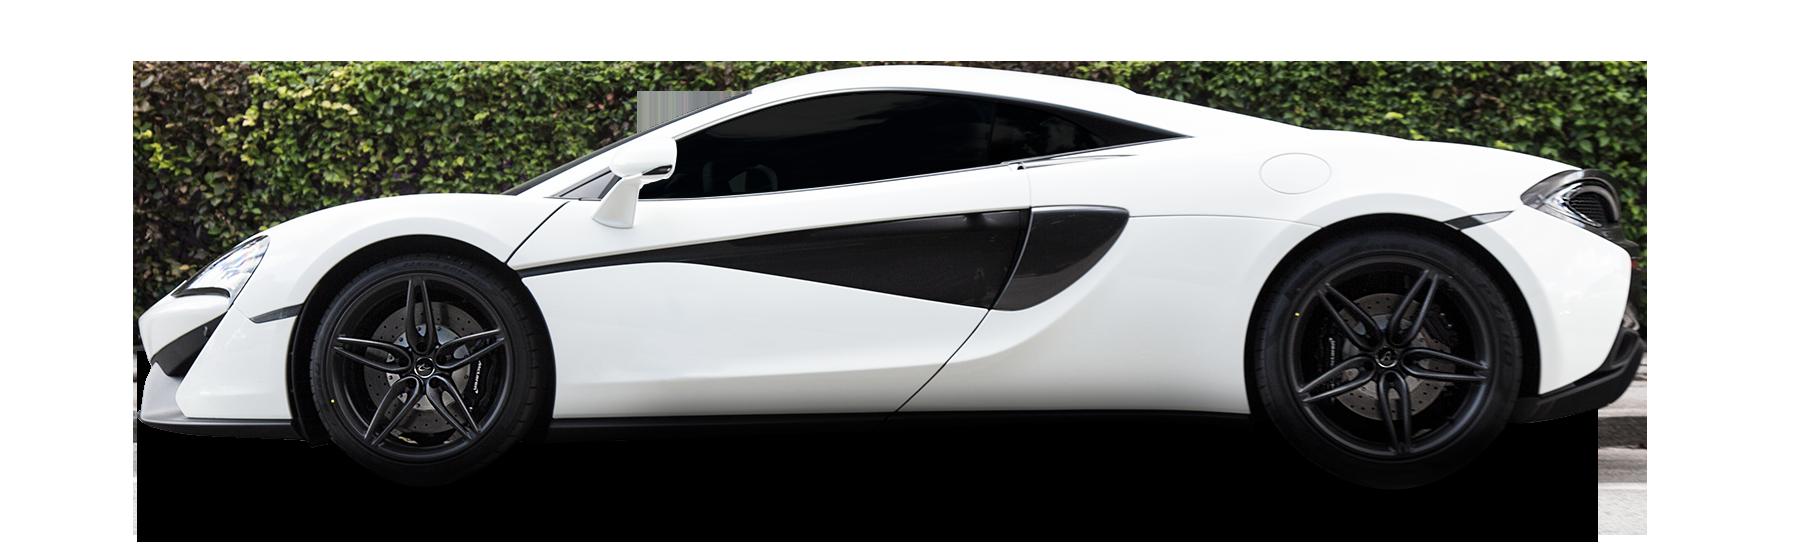 AIL McLaren weiss 540C